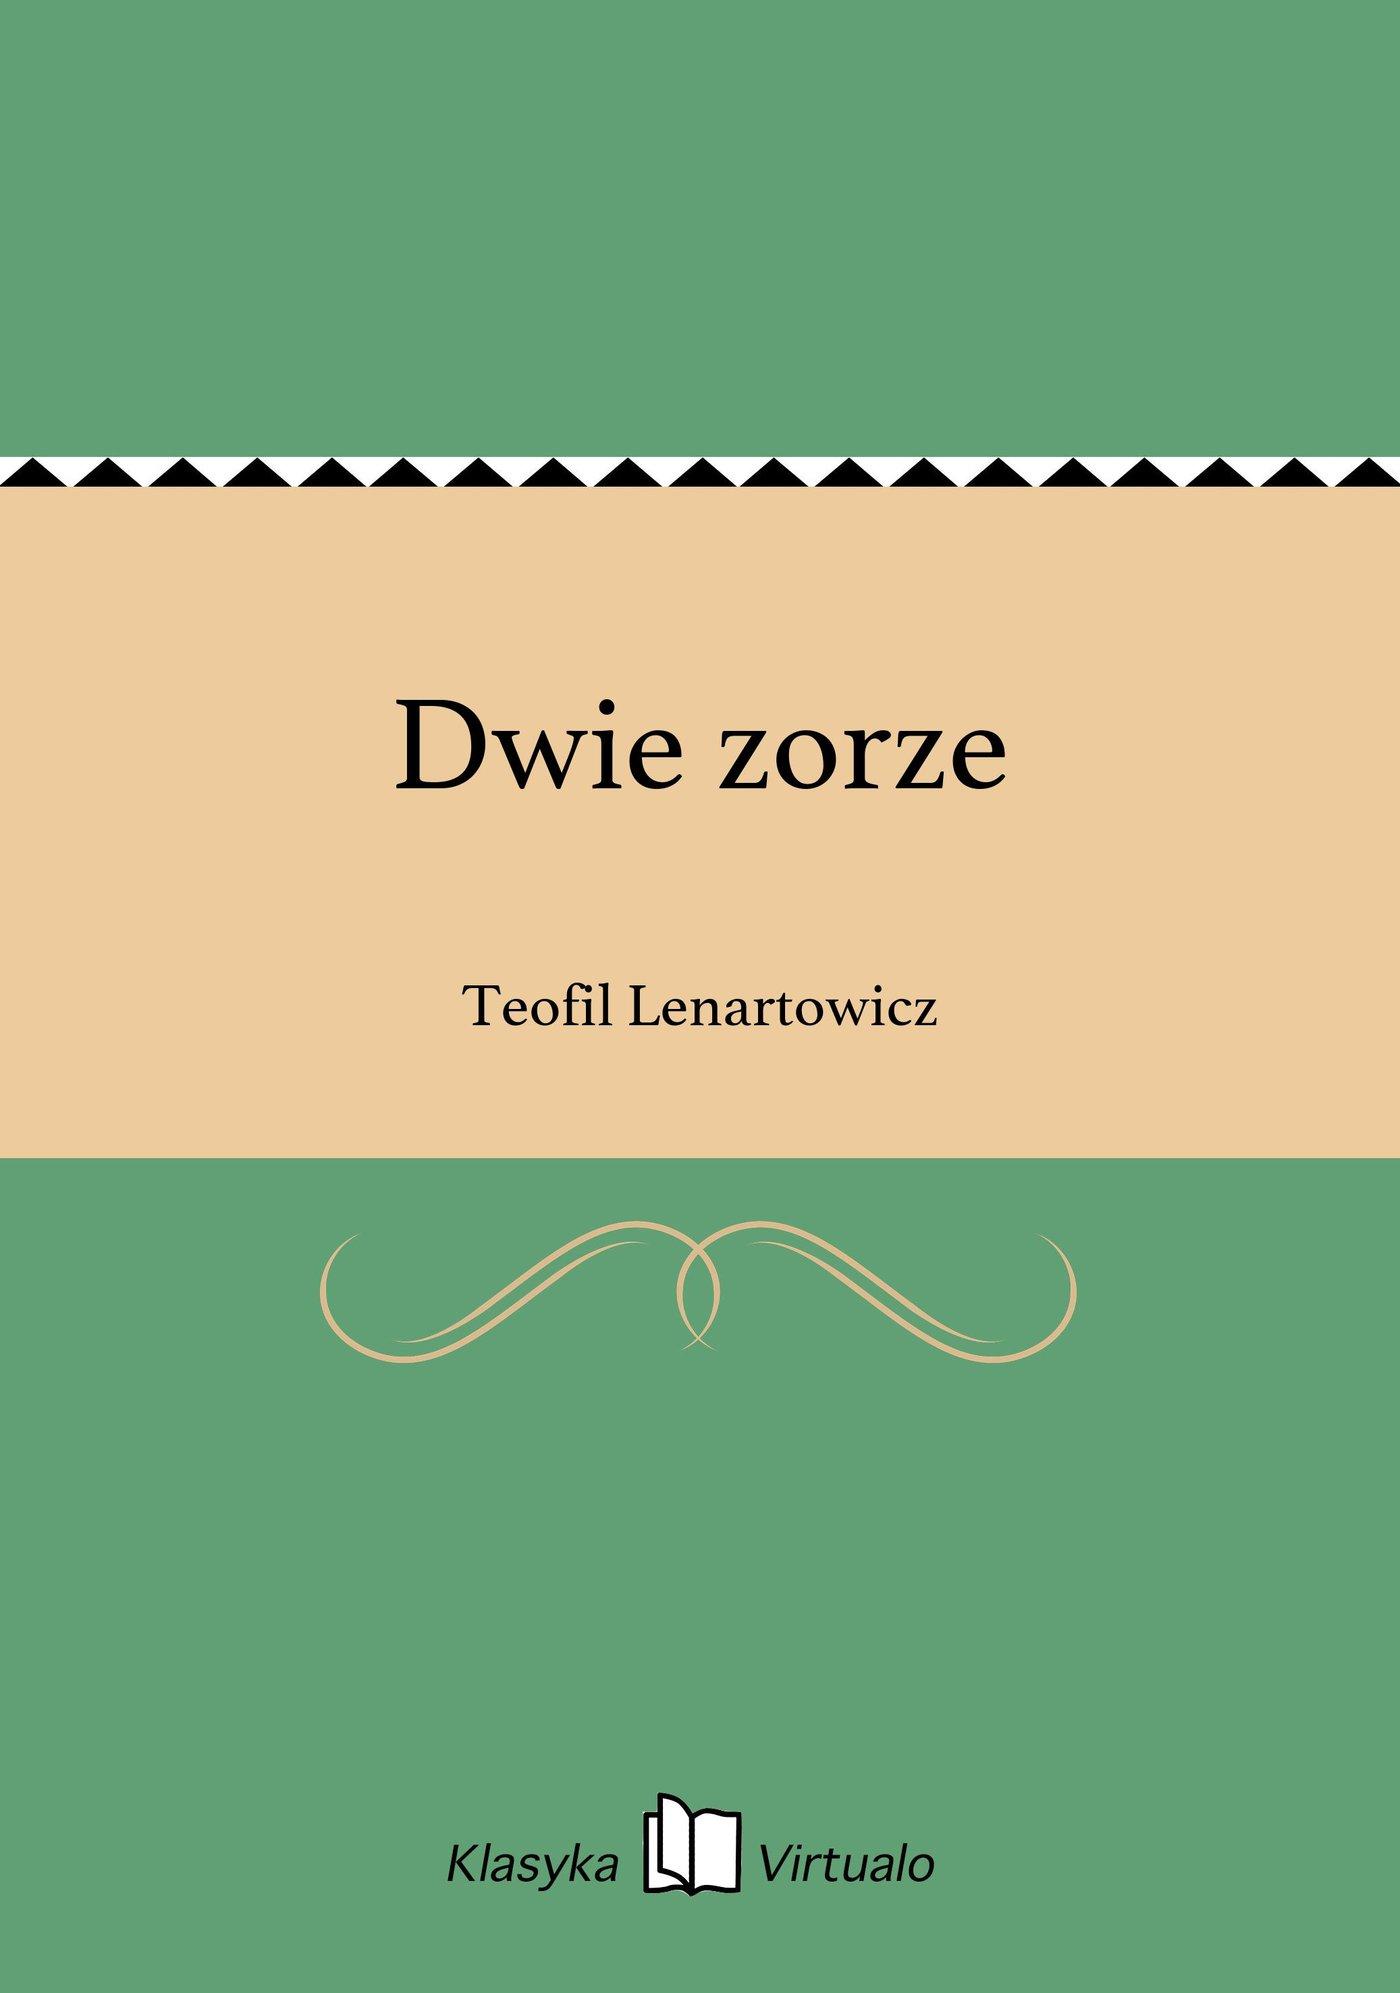 Dwie zorze - Ebook (Książka na Kindle) do pobrania w formacie MOBI